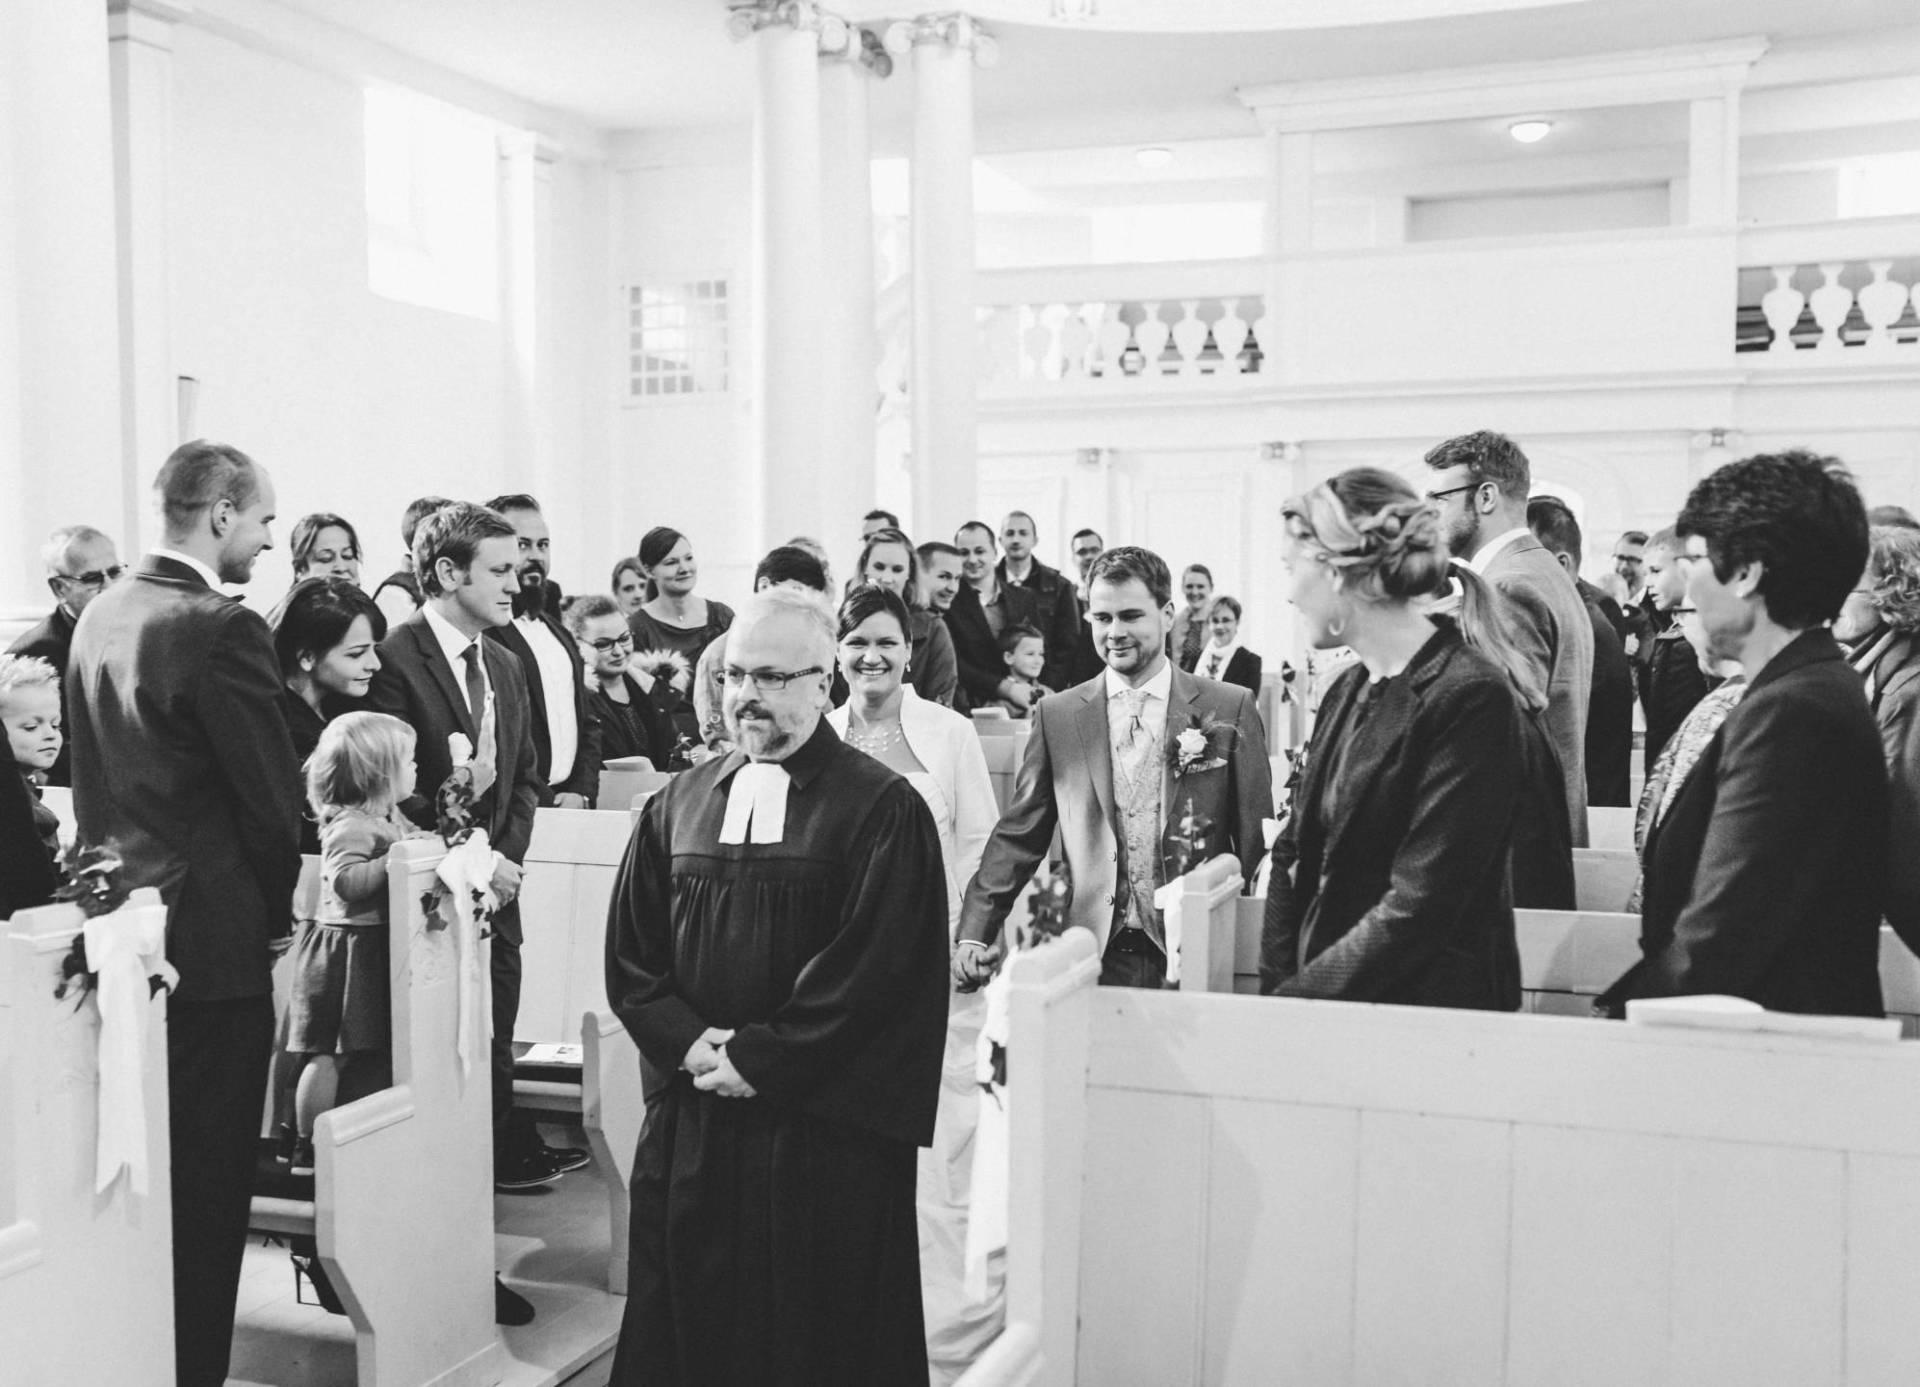 Hochzeitsreportage | Hochzeit im Paradies Jena | 27